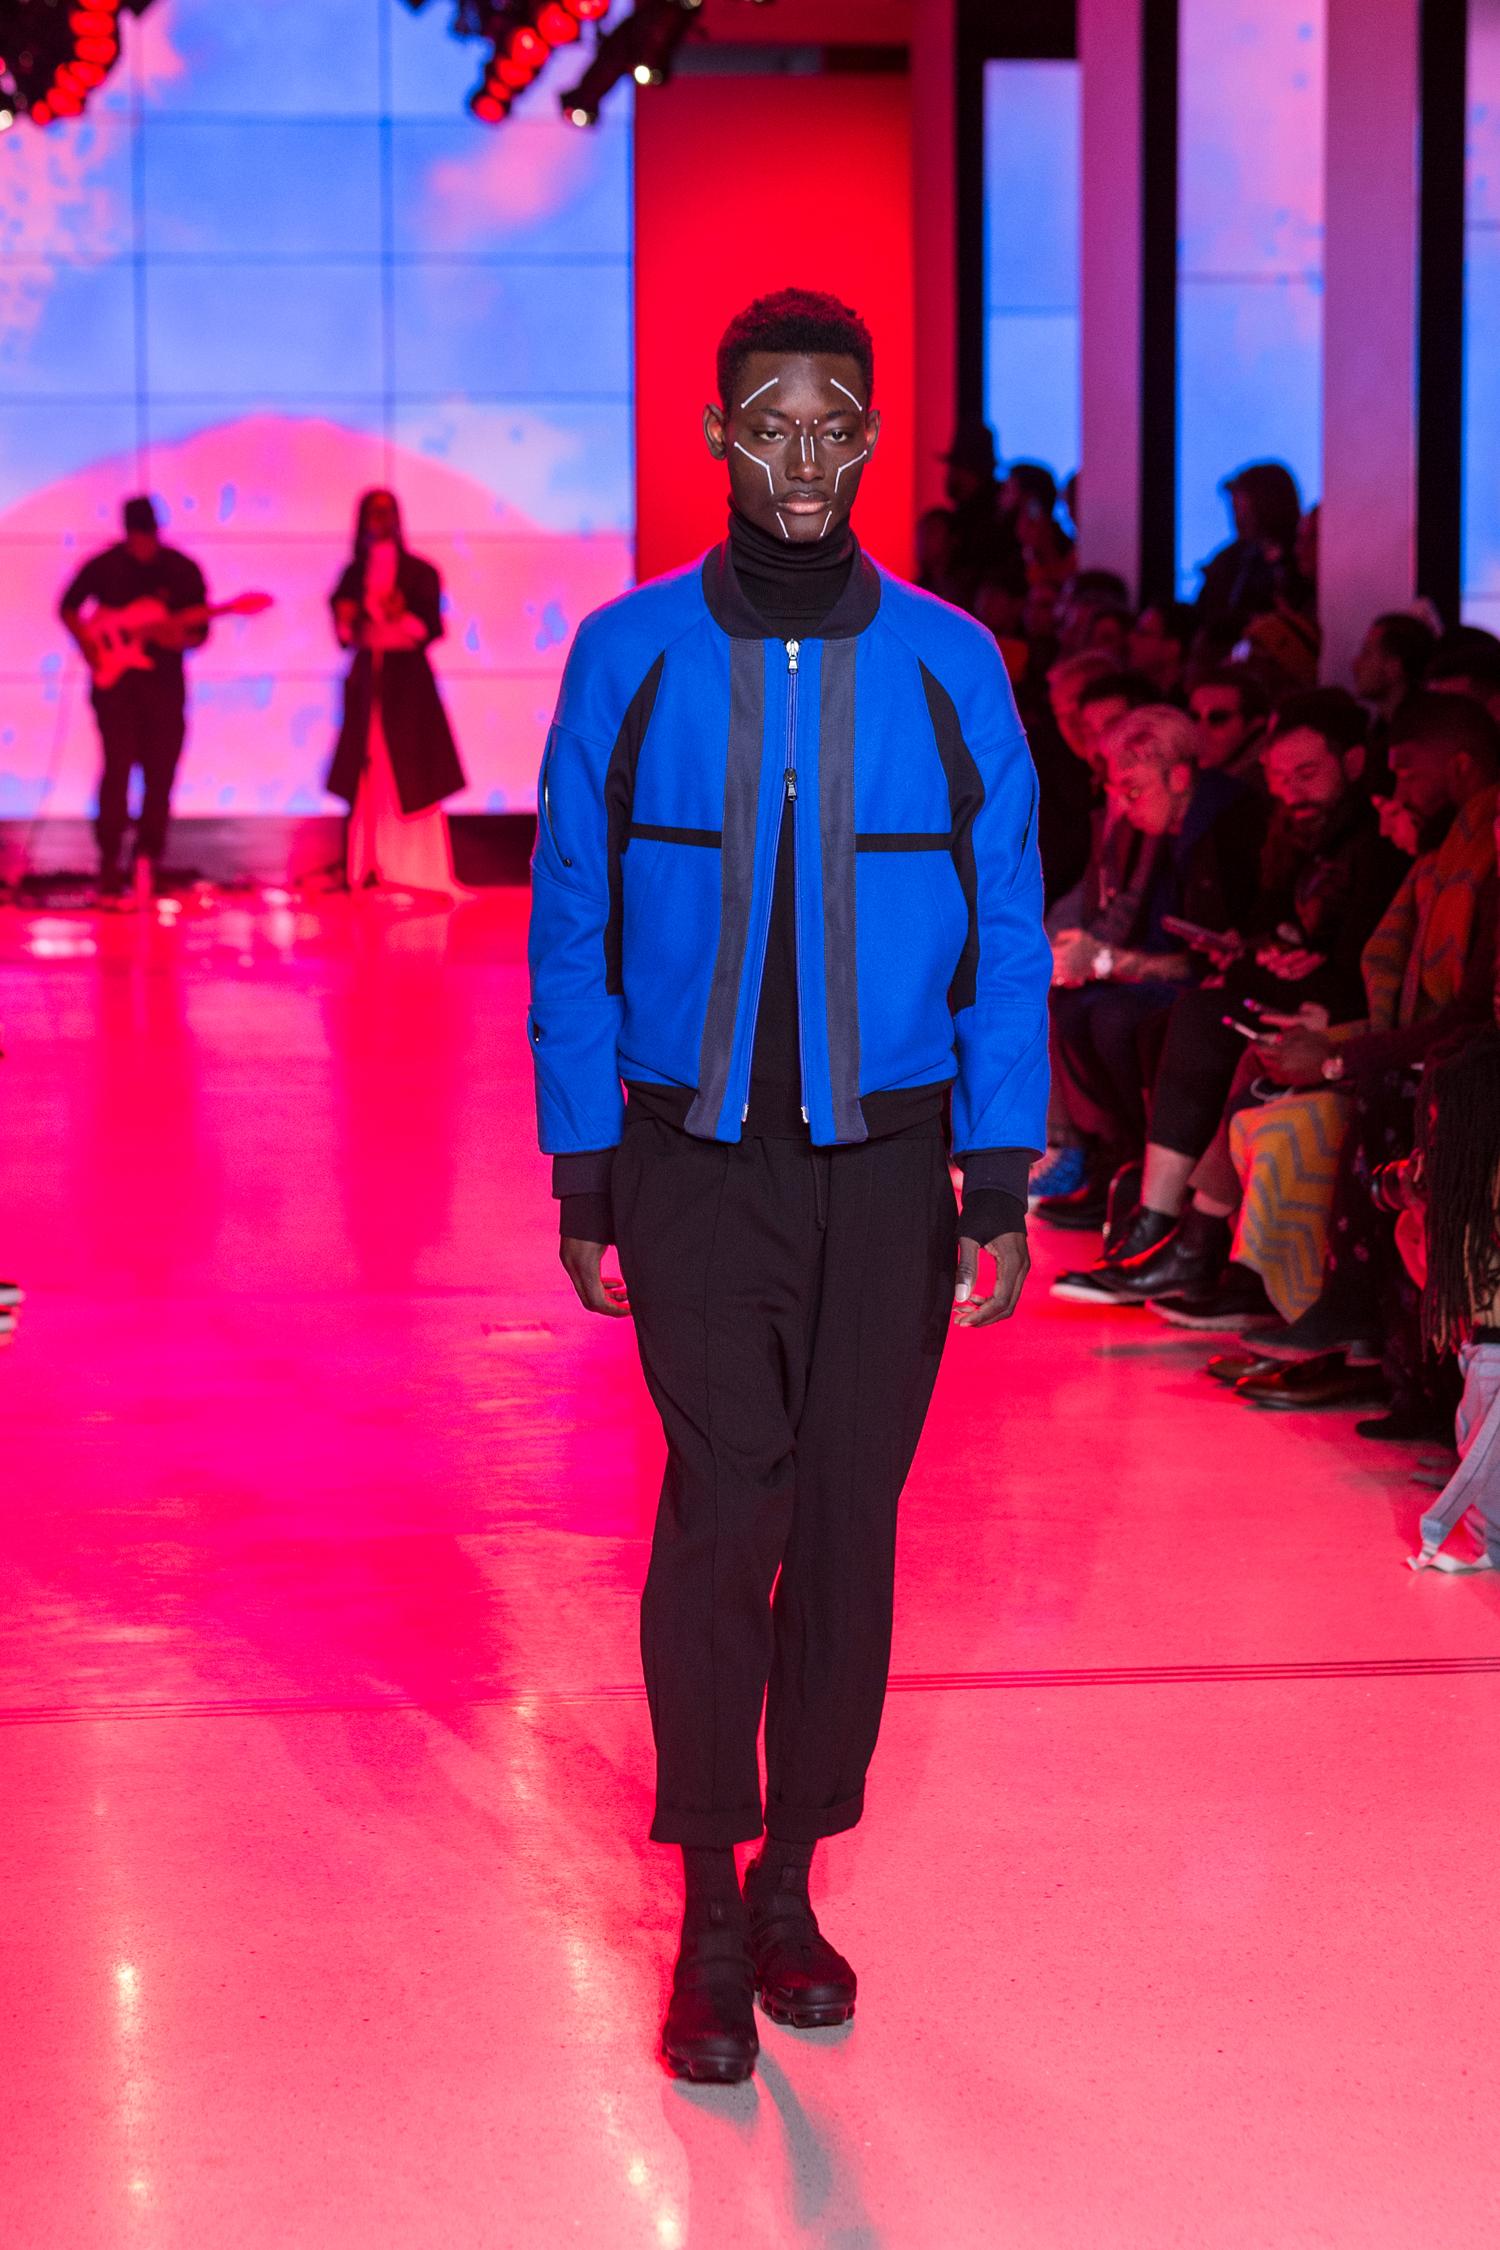 LOOK 26   ARC Flight Jacket  / Azure Blue   ARC Turtleneck  / Black Terry   ARC Ankara Pant  / Black Wool   Nike Air VaporMax Utility   .